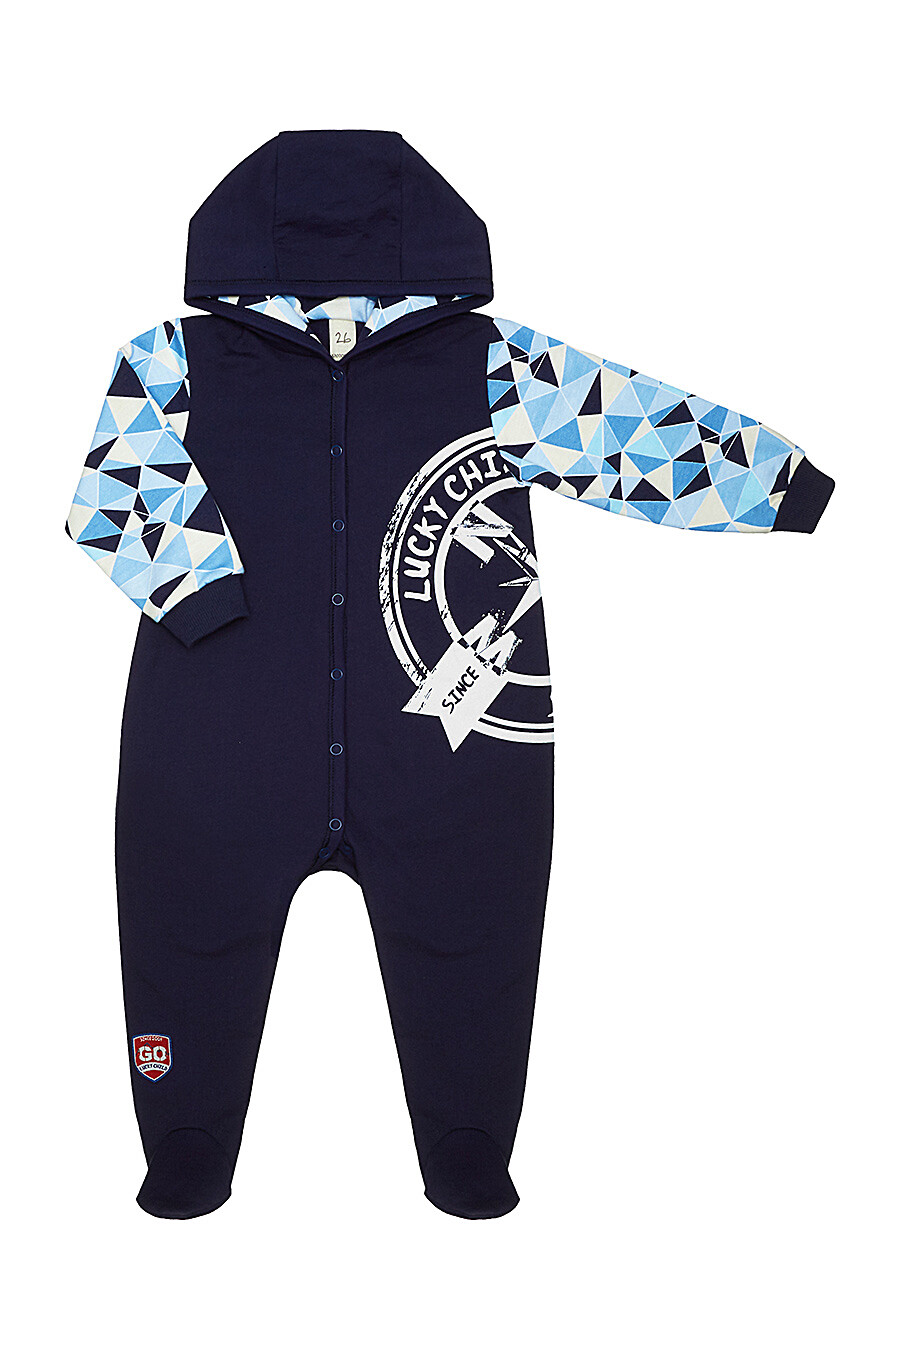 Комбинезон для мальчиков LUCKY CHILD 184737 купить оптом от производителя. Совместная покупка детской одежды в OptMoyo